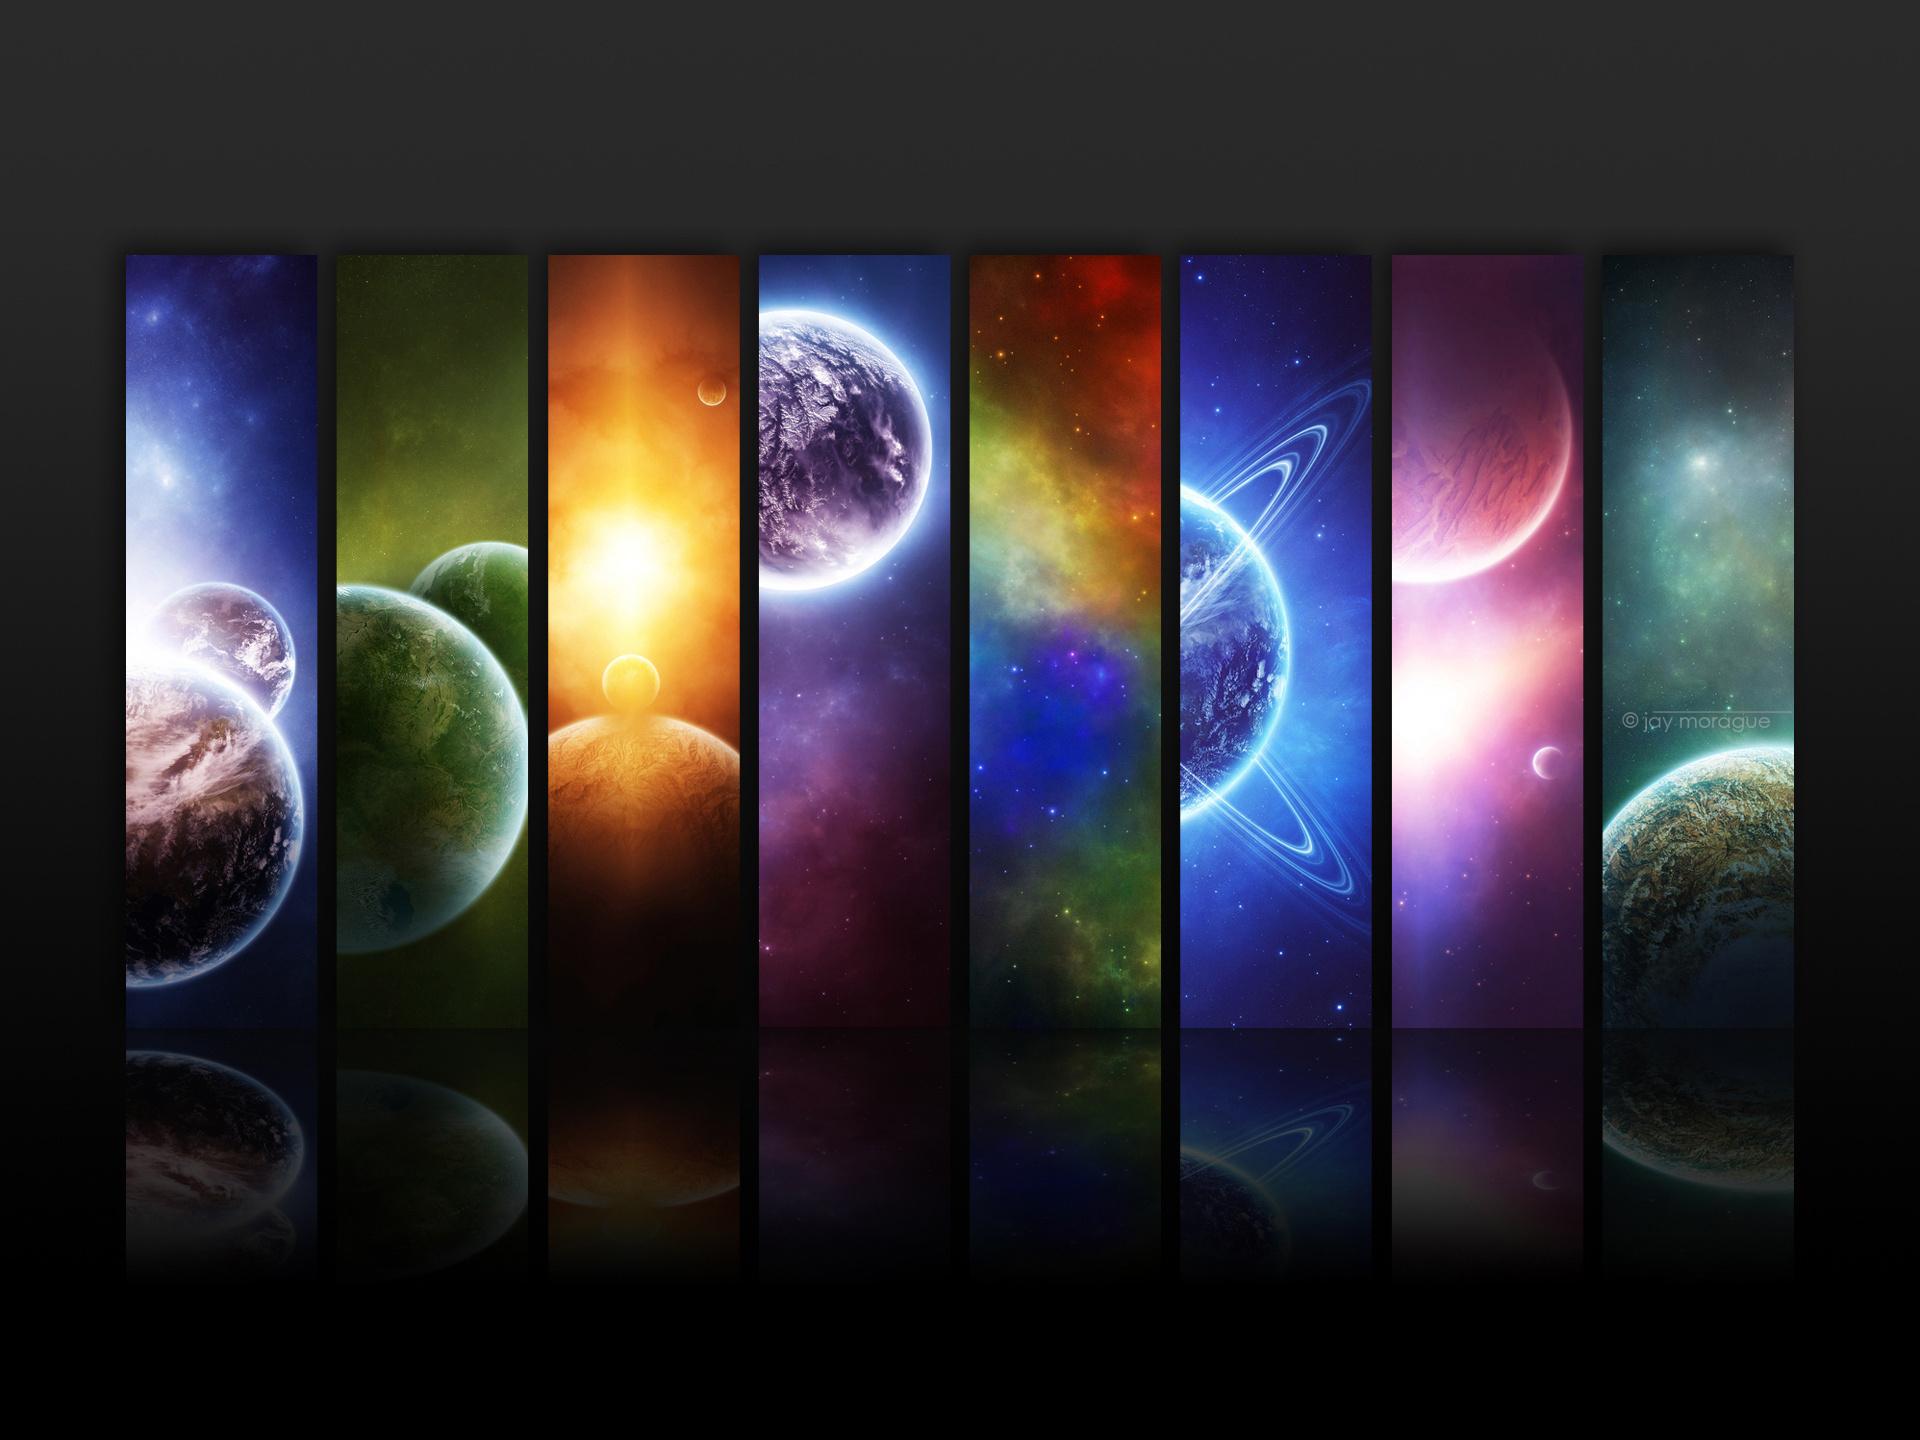 планеты, свет, радуга, скачать фото